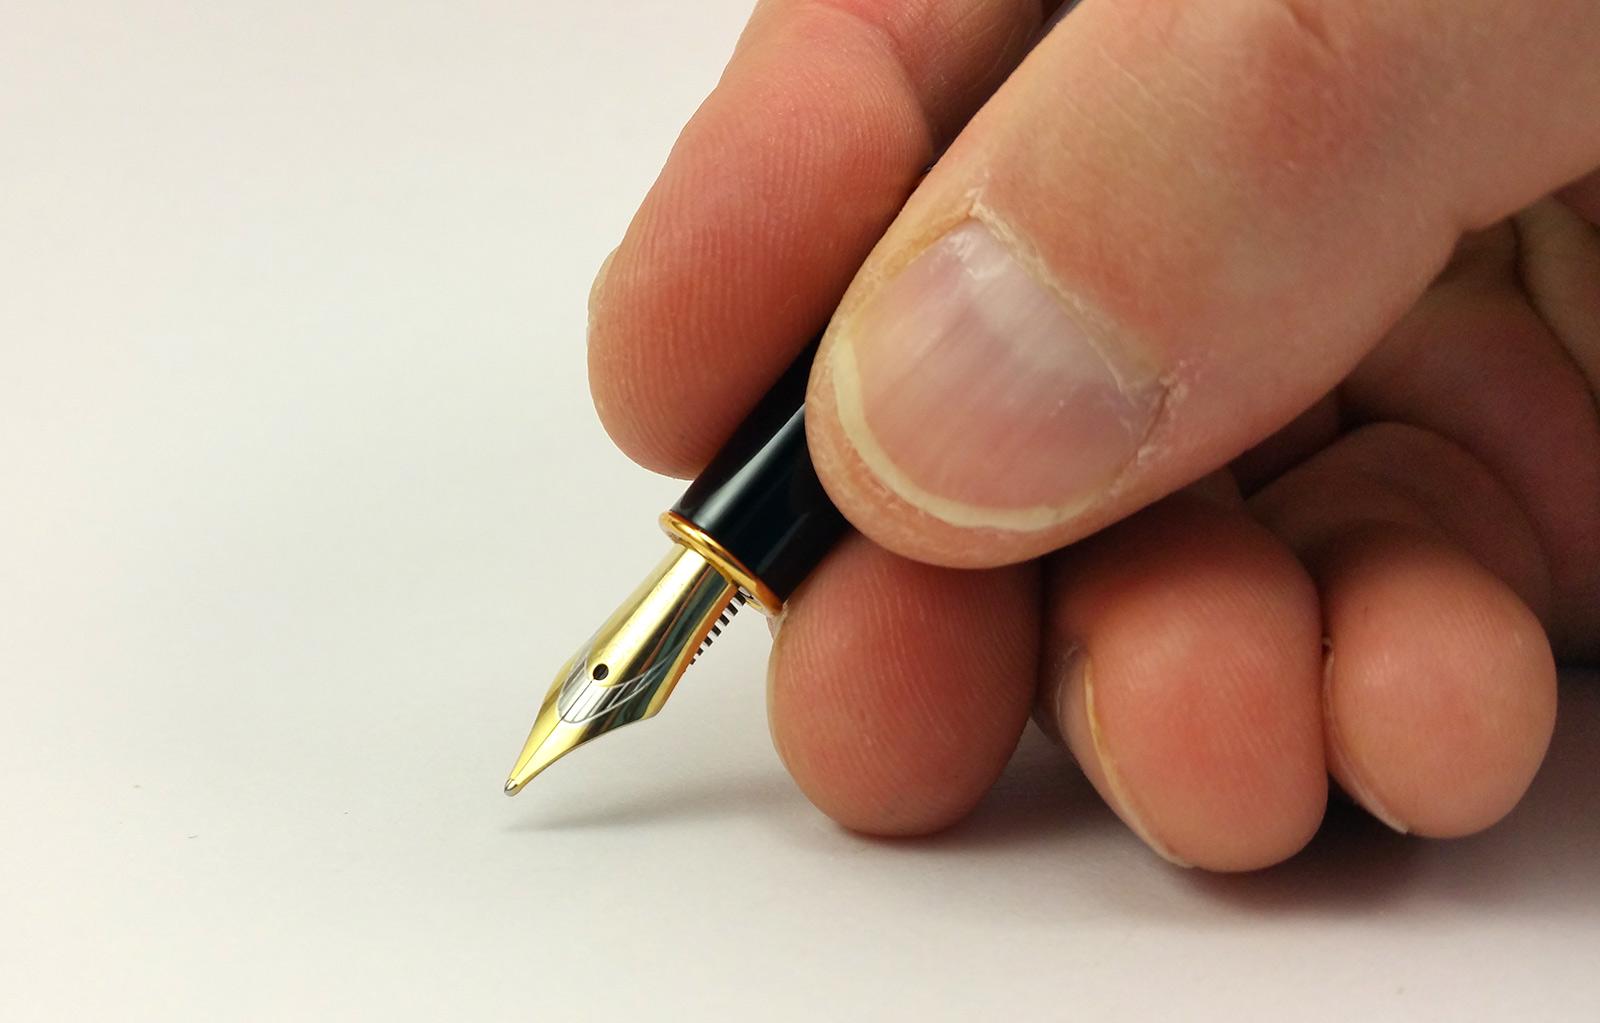 Baoer 388 Fountain Pen In the Hand